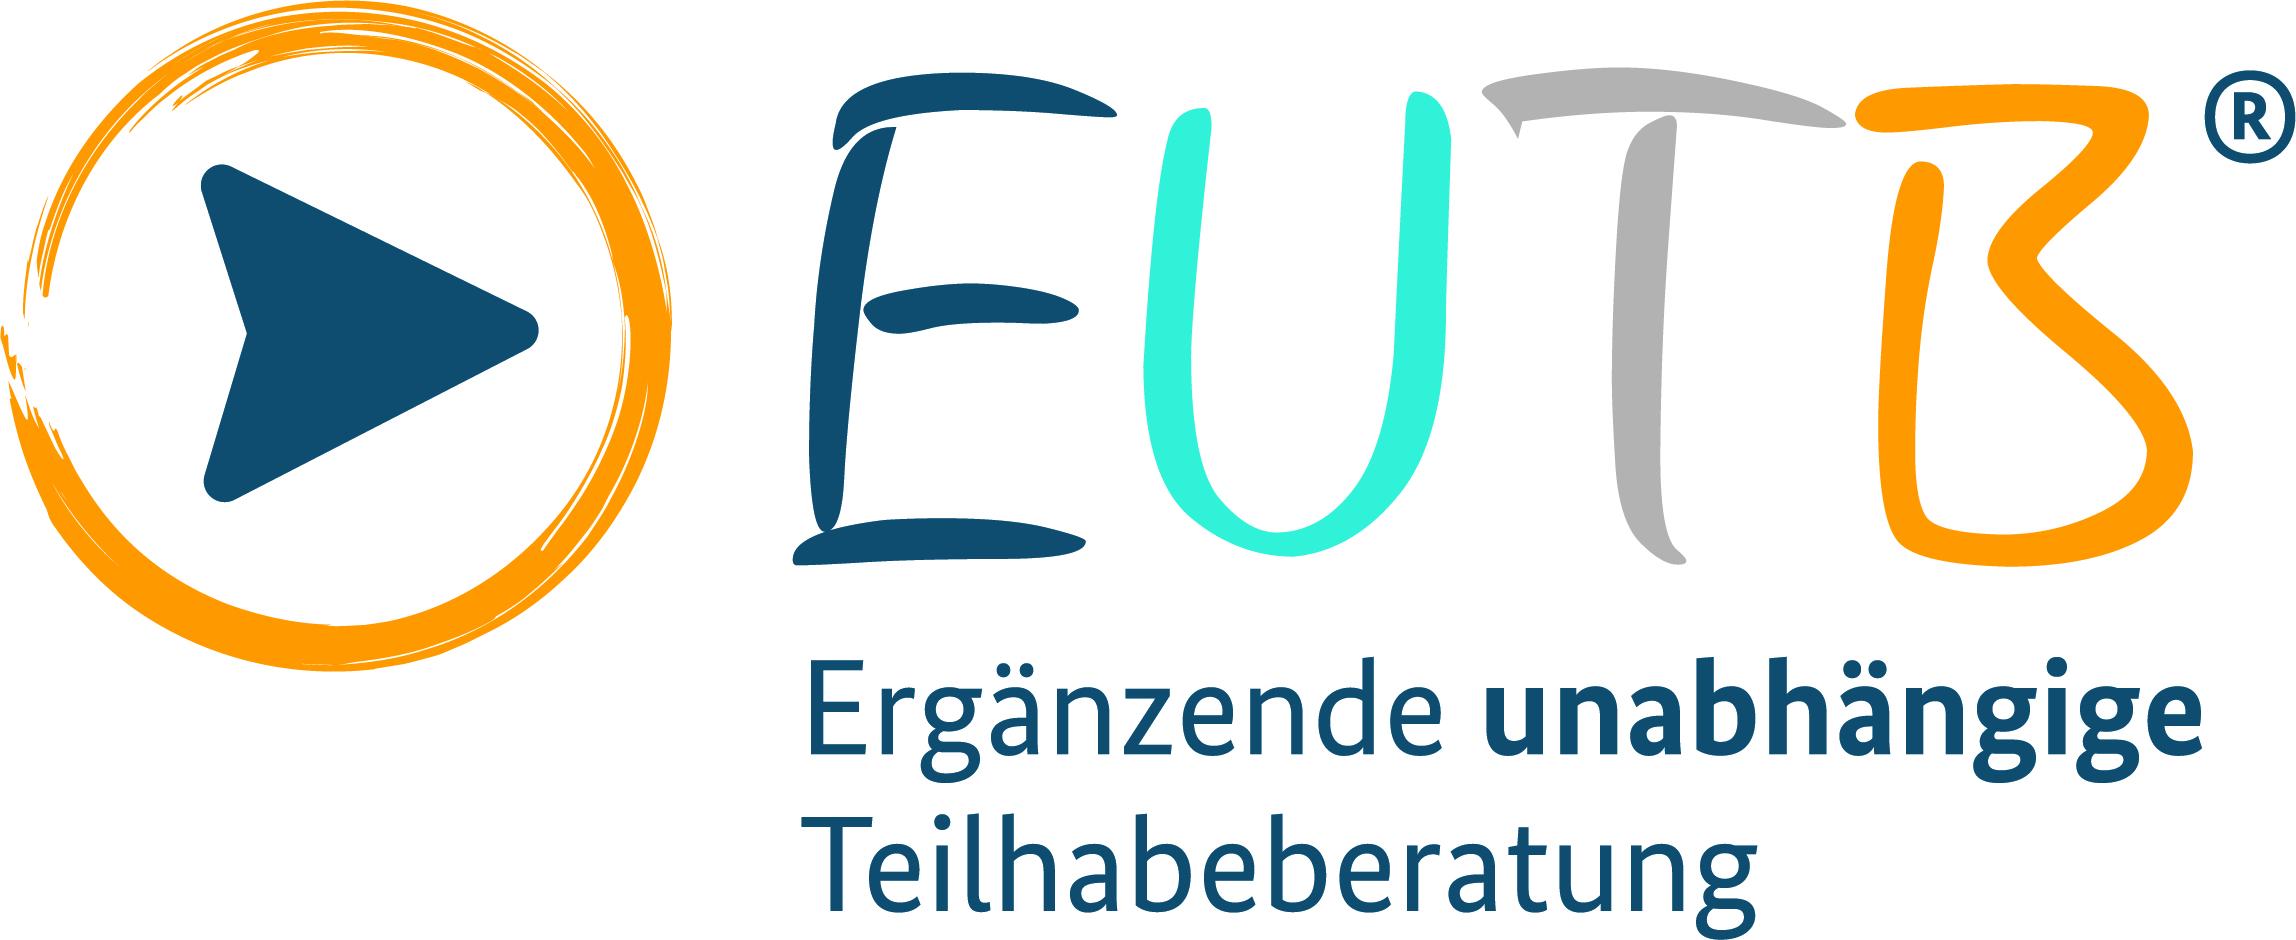 Das Logo Besteht aus zwei Elementen. Beide Elemente sind in einer Reihe angeordnet: Links befindet sich ein blauer, nach rechts weisender Pfeil, der von einem orangefarbenen Kreis umschlossen wird. Rechts von Kreis und Pfeil folgen die Buchstaben E, U, T, B. Alle Buchstaben sind großgeschrieben und verschiedenfarbig. Das E ist blau, das U türkis, das T grau und das B ist orange